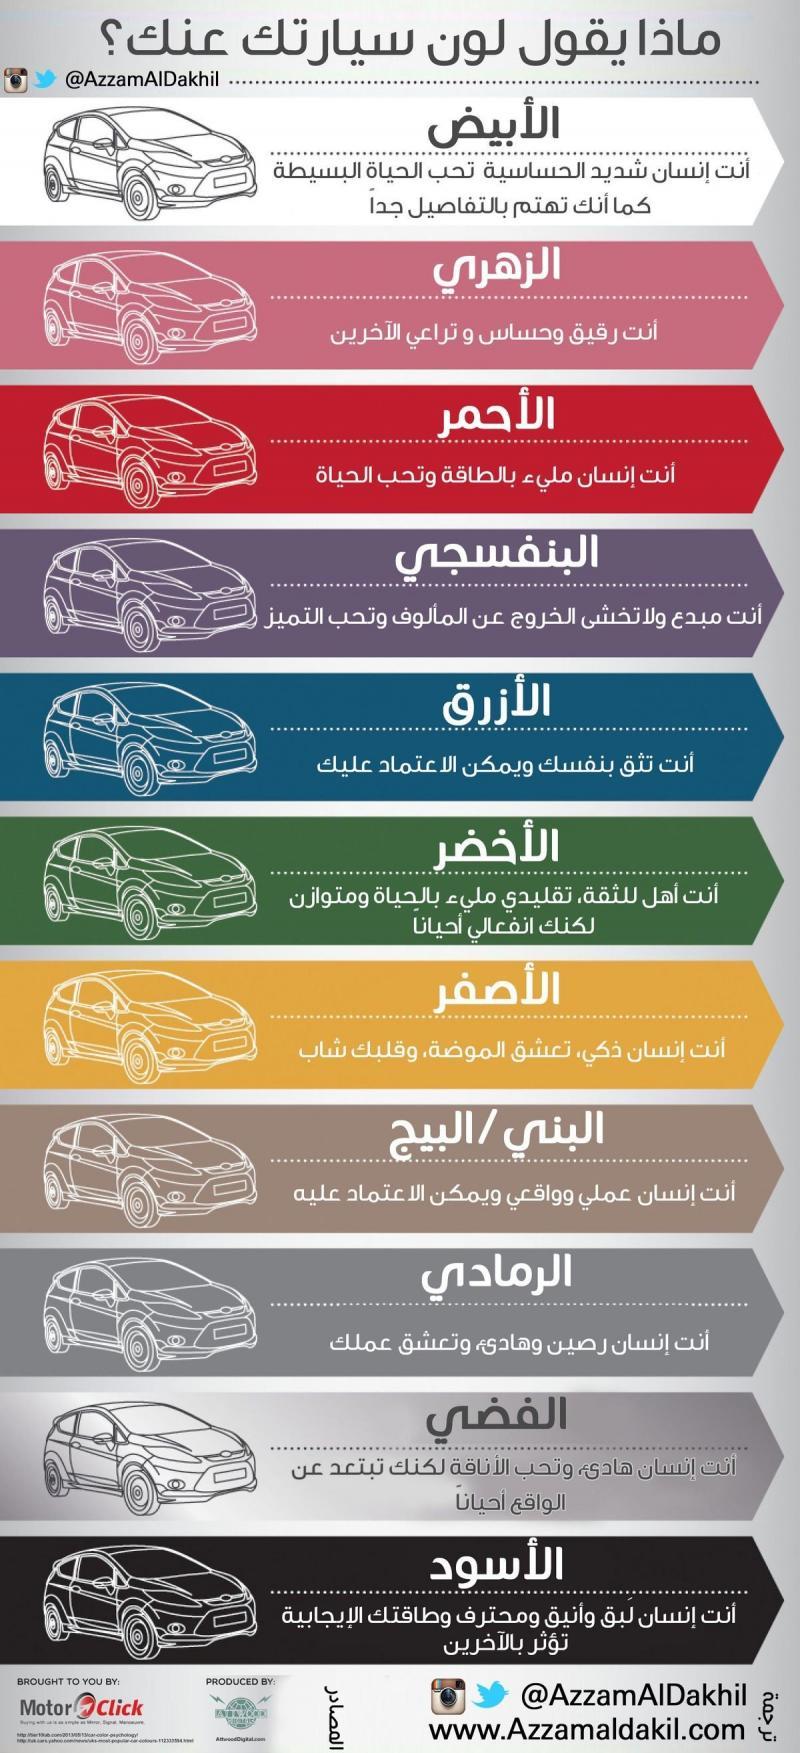 ماذا يقول لون سيارتك عنك #انفوجرافيك #انفوجرافيك_عربي